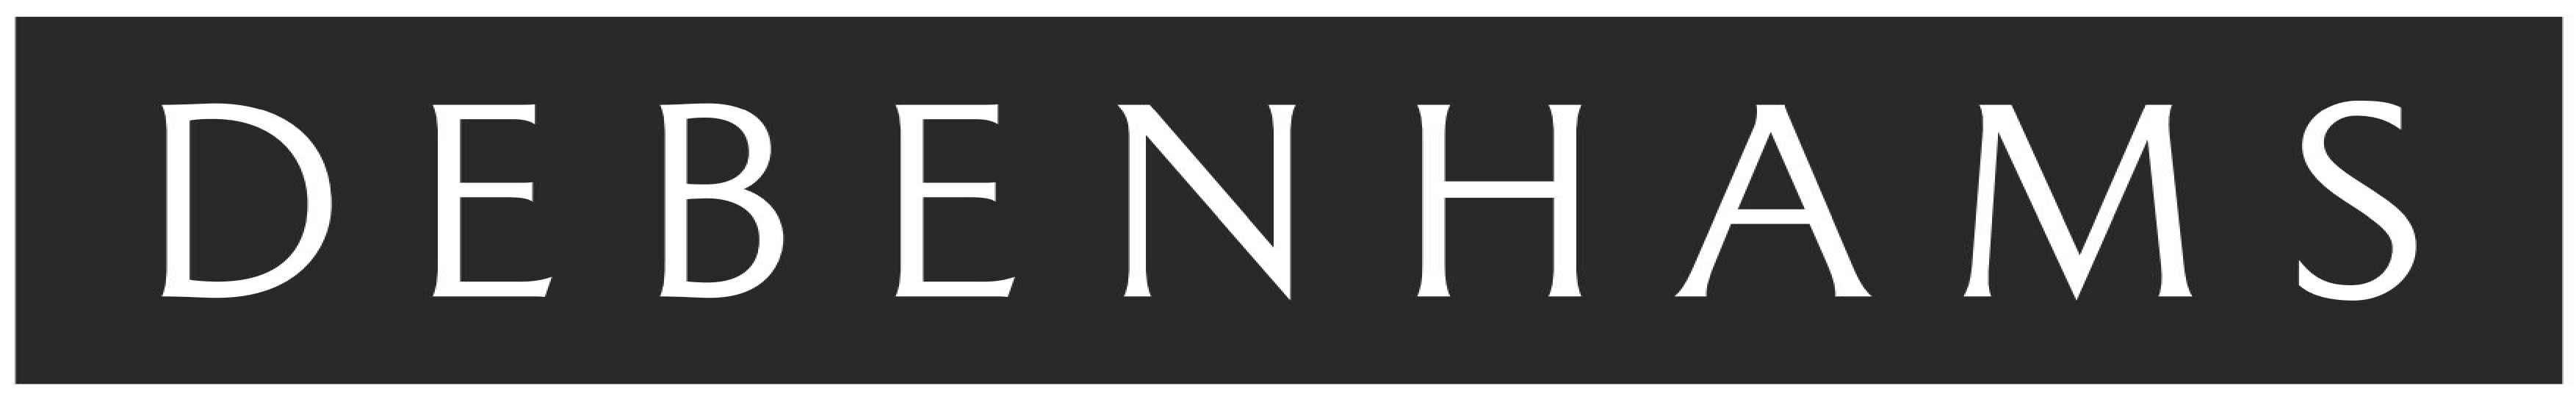 Debenhams Logo png